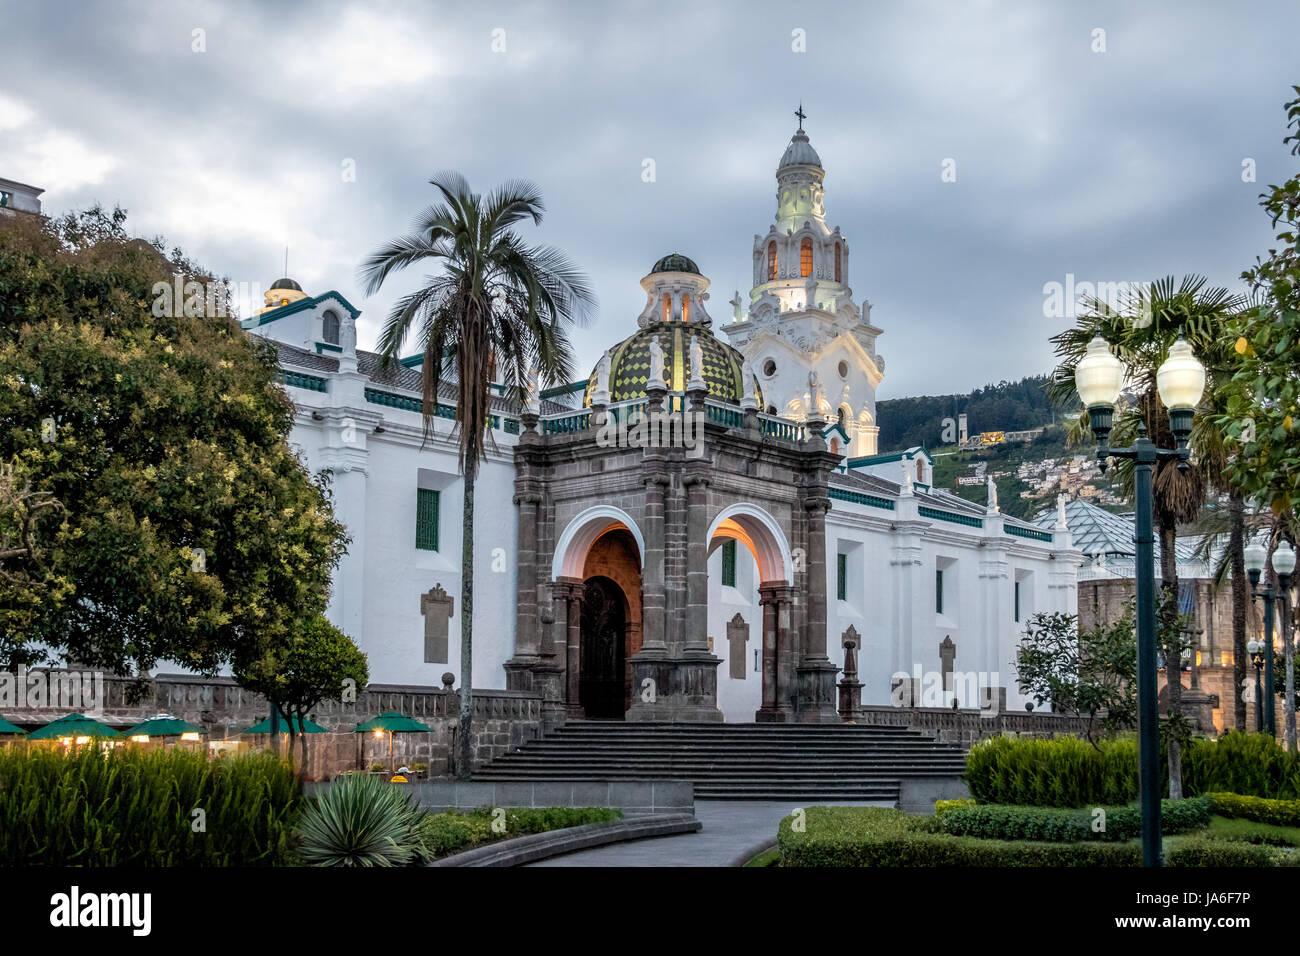 La Plaza Grande y la Catedral Metropolitana - Quito, Ecuador Imagen De Stock